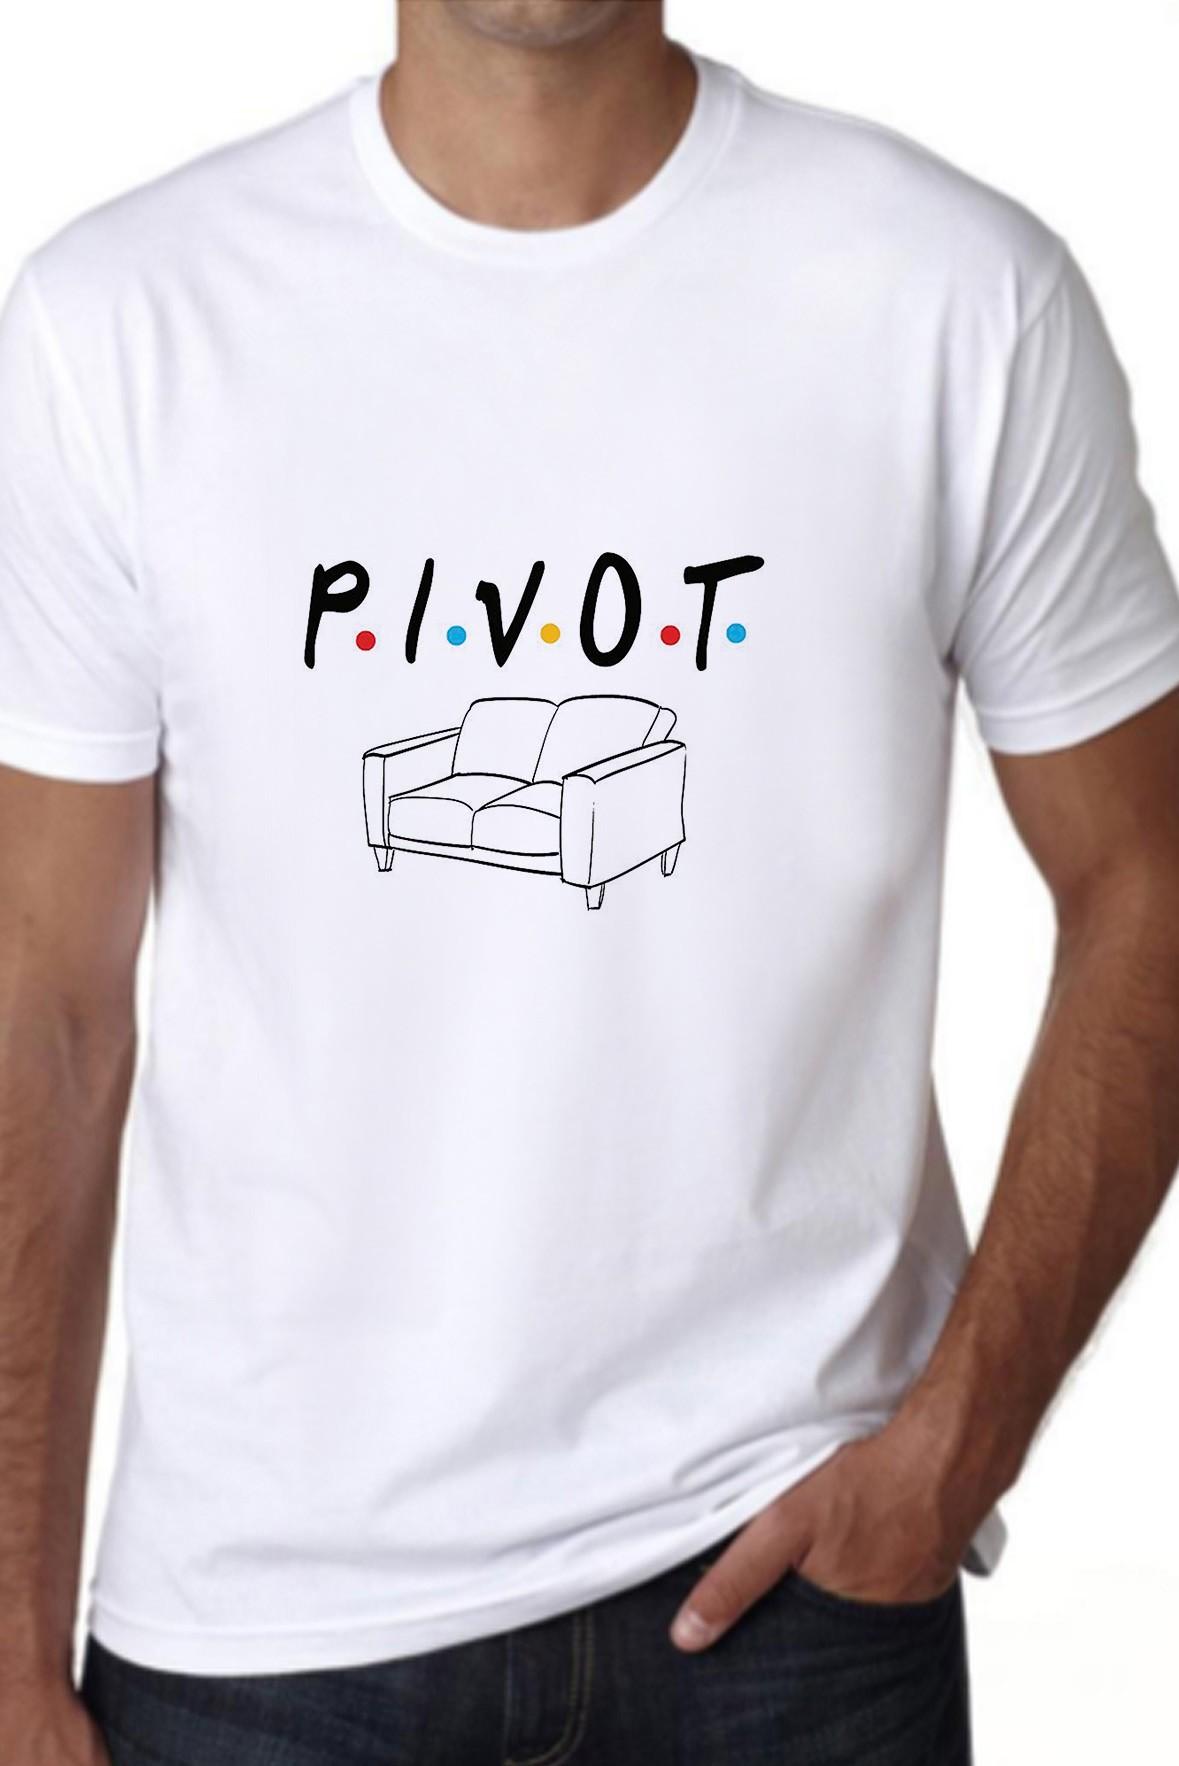 Pivot white